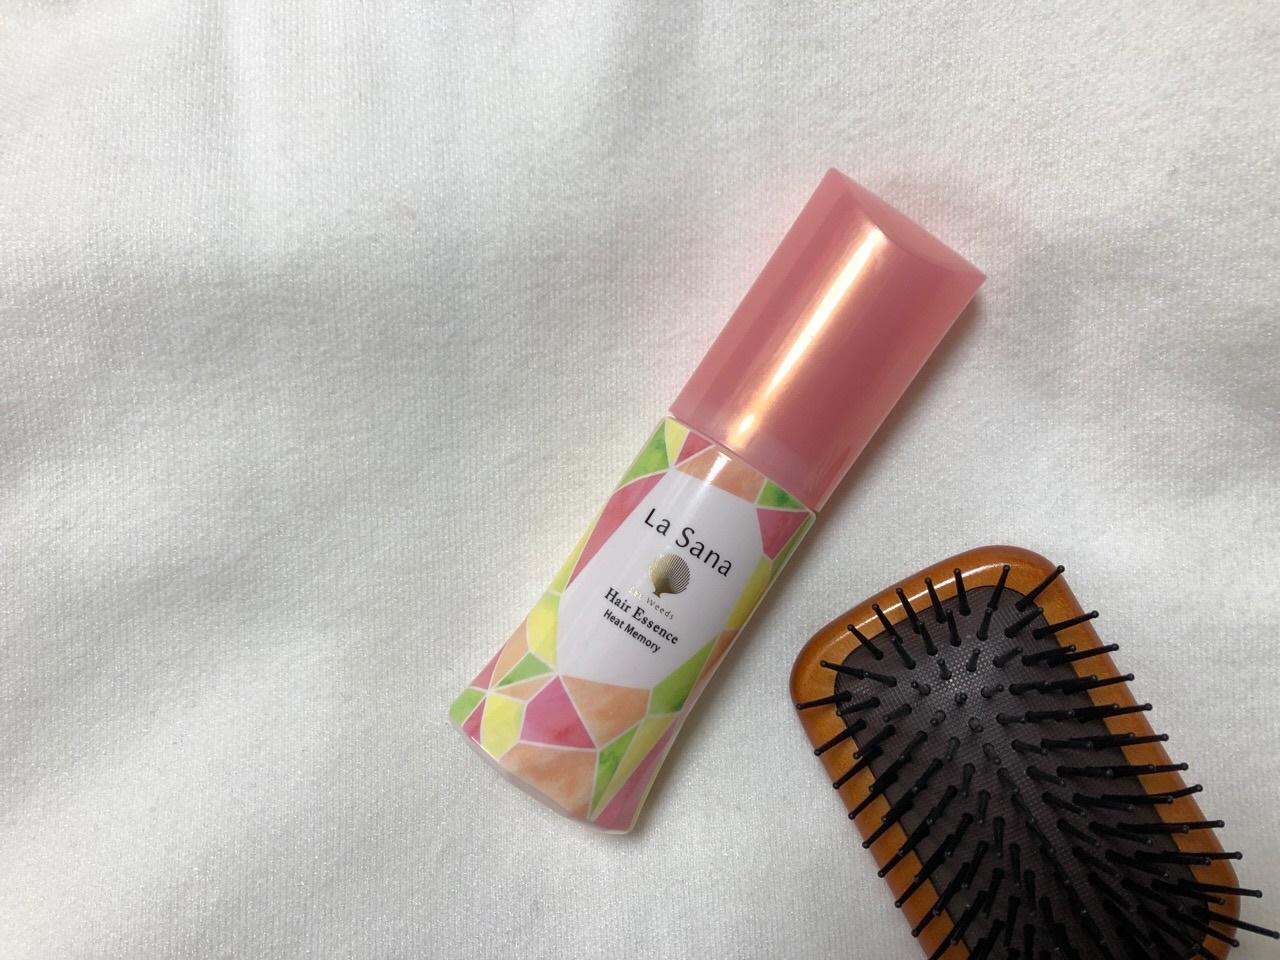 ラサーナの海藻 ヘアエッセンス ヒートメモリー ピンクグレープフルーツの香り